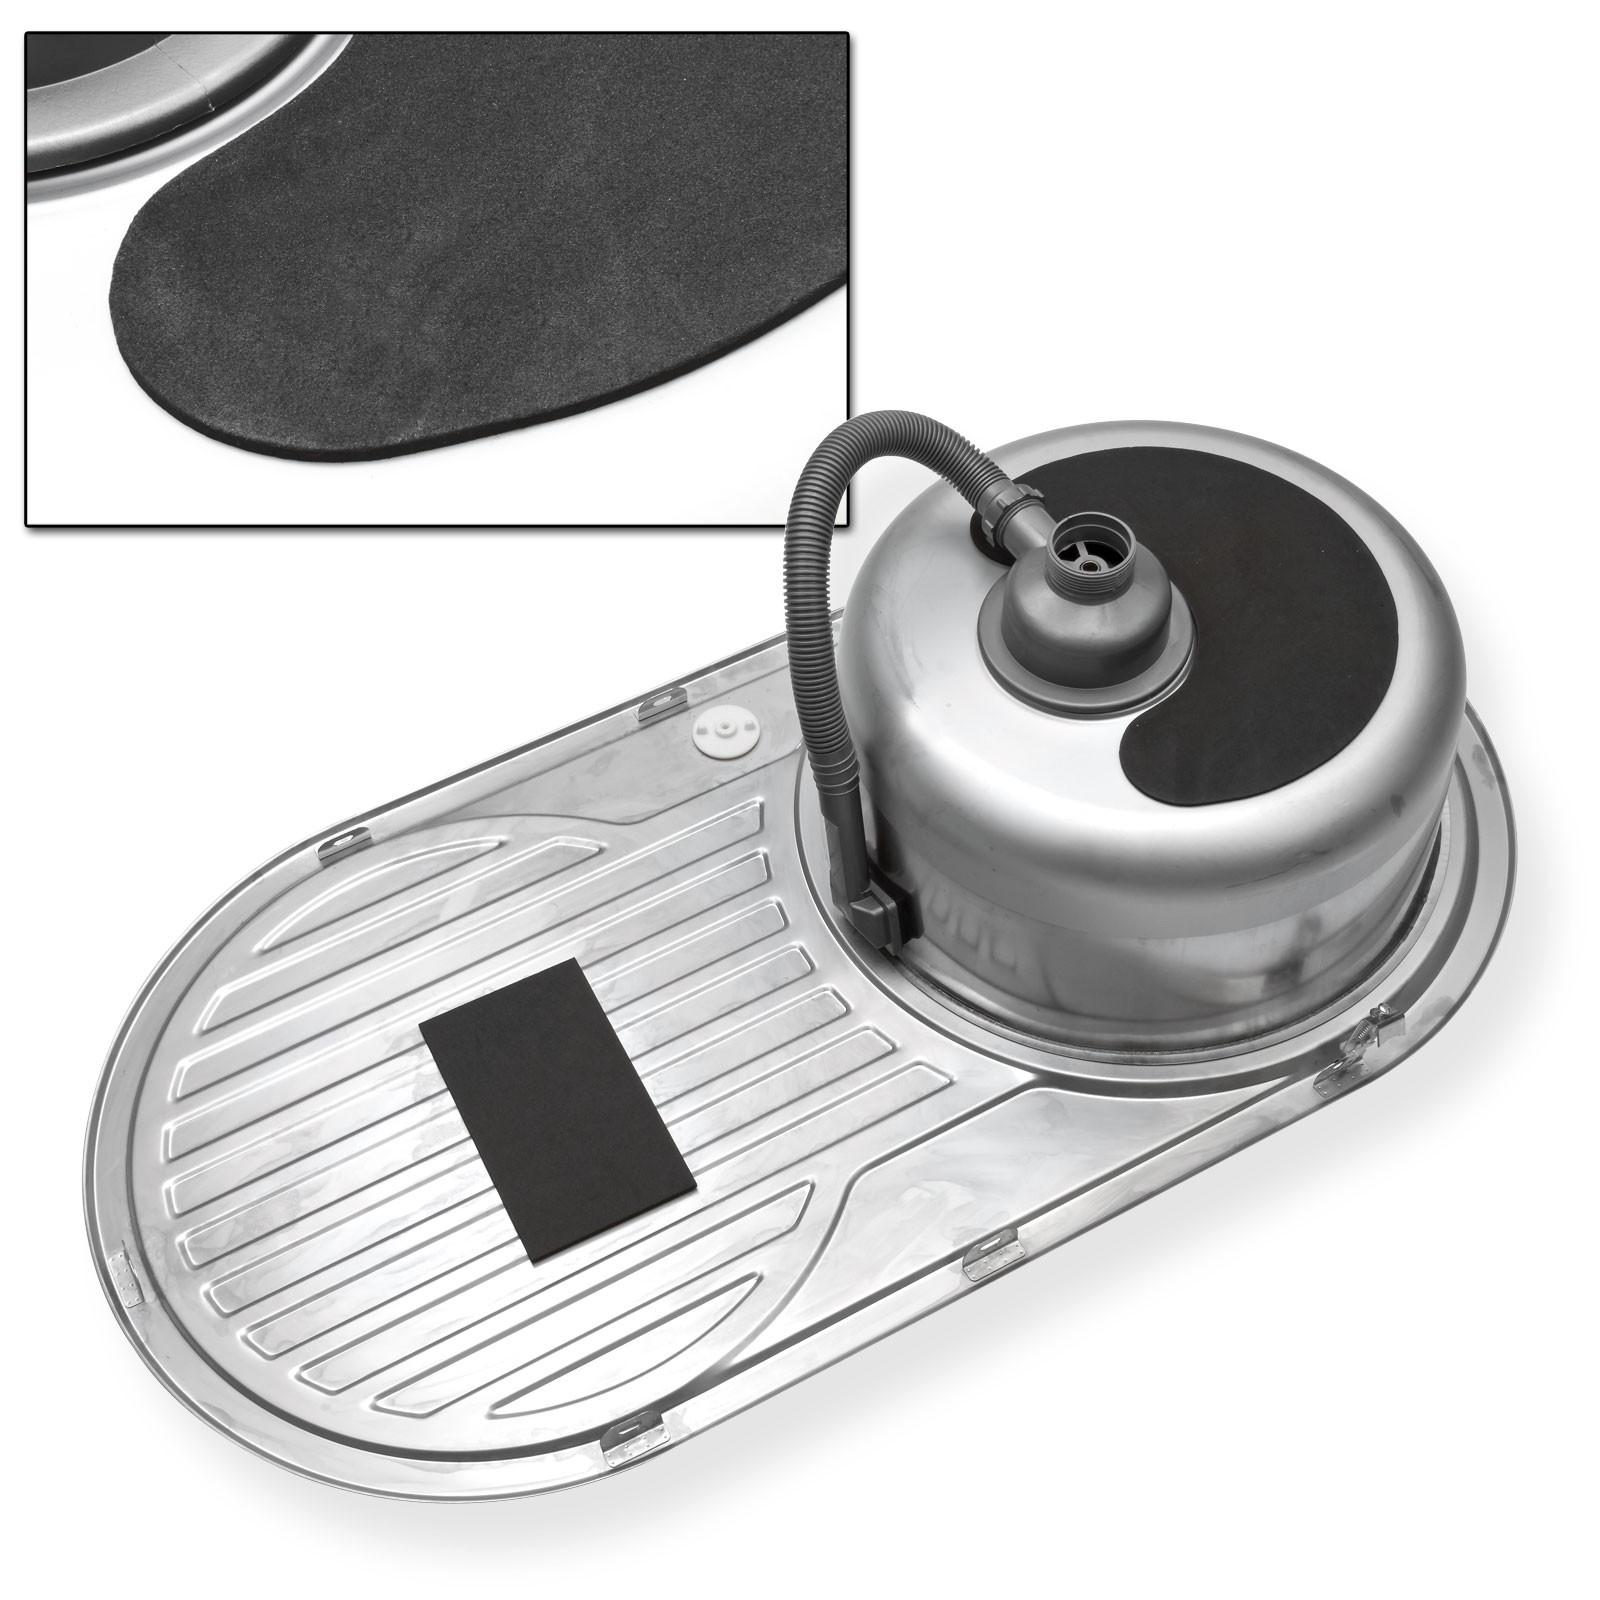 edelstahl waschbecken sp le links einbausp le sp lbecken k chensp le oval ebay. Black Bedroom Furniture Sets. Home Design Ideas